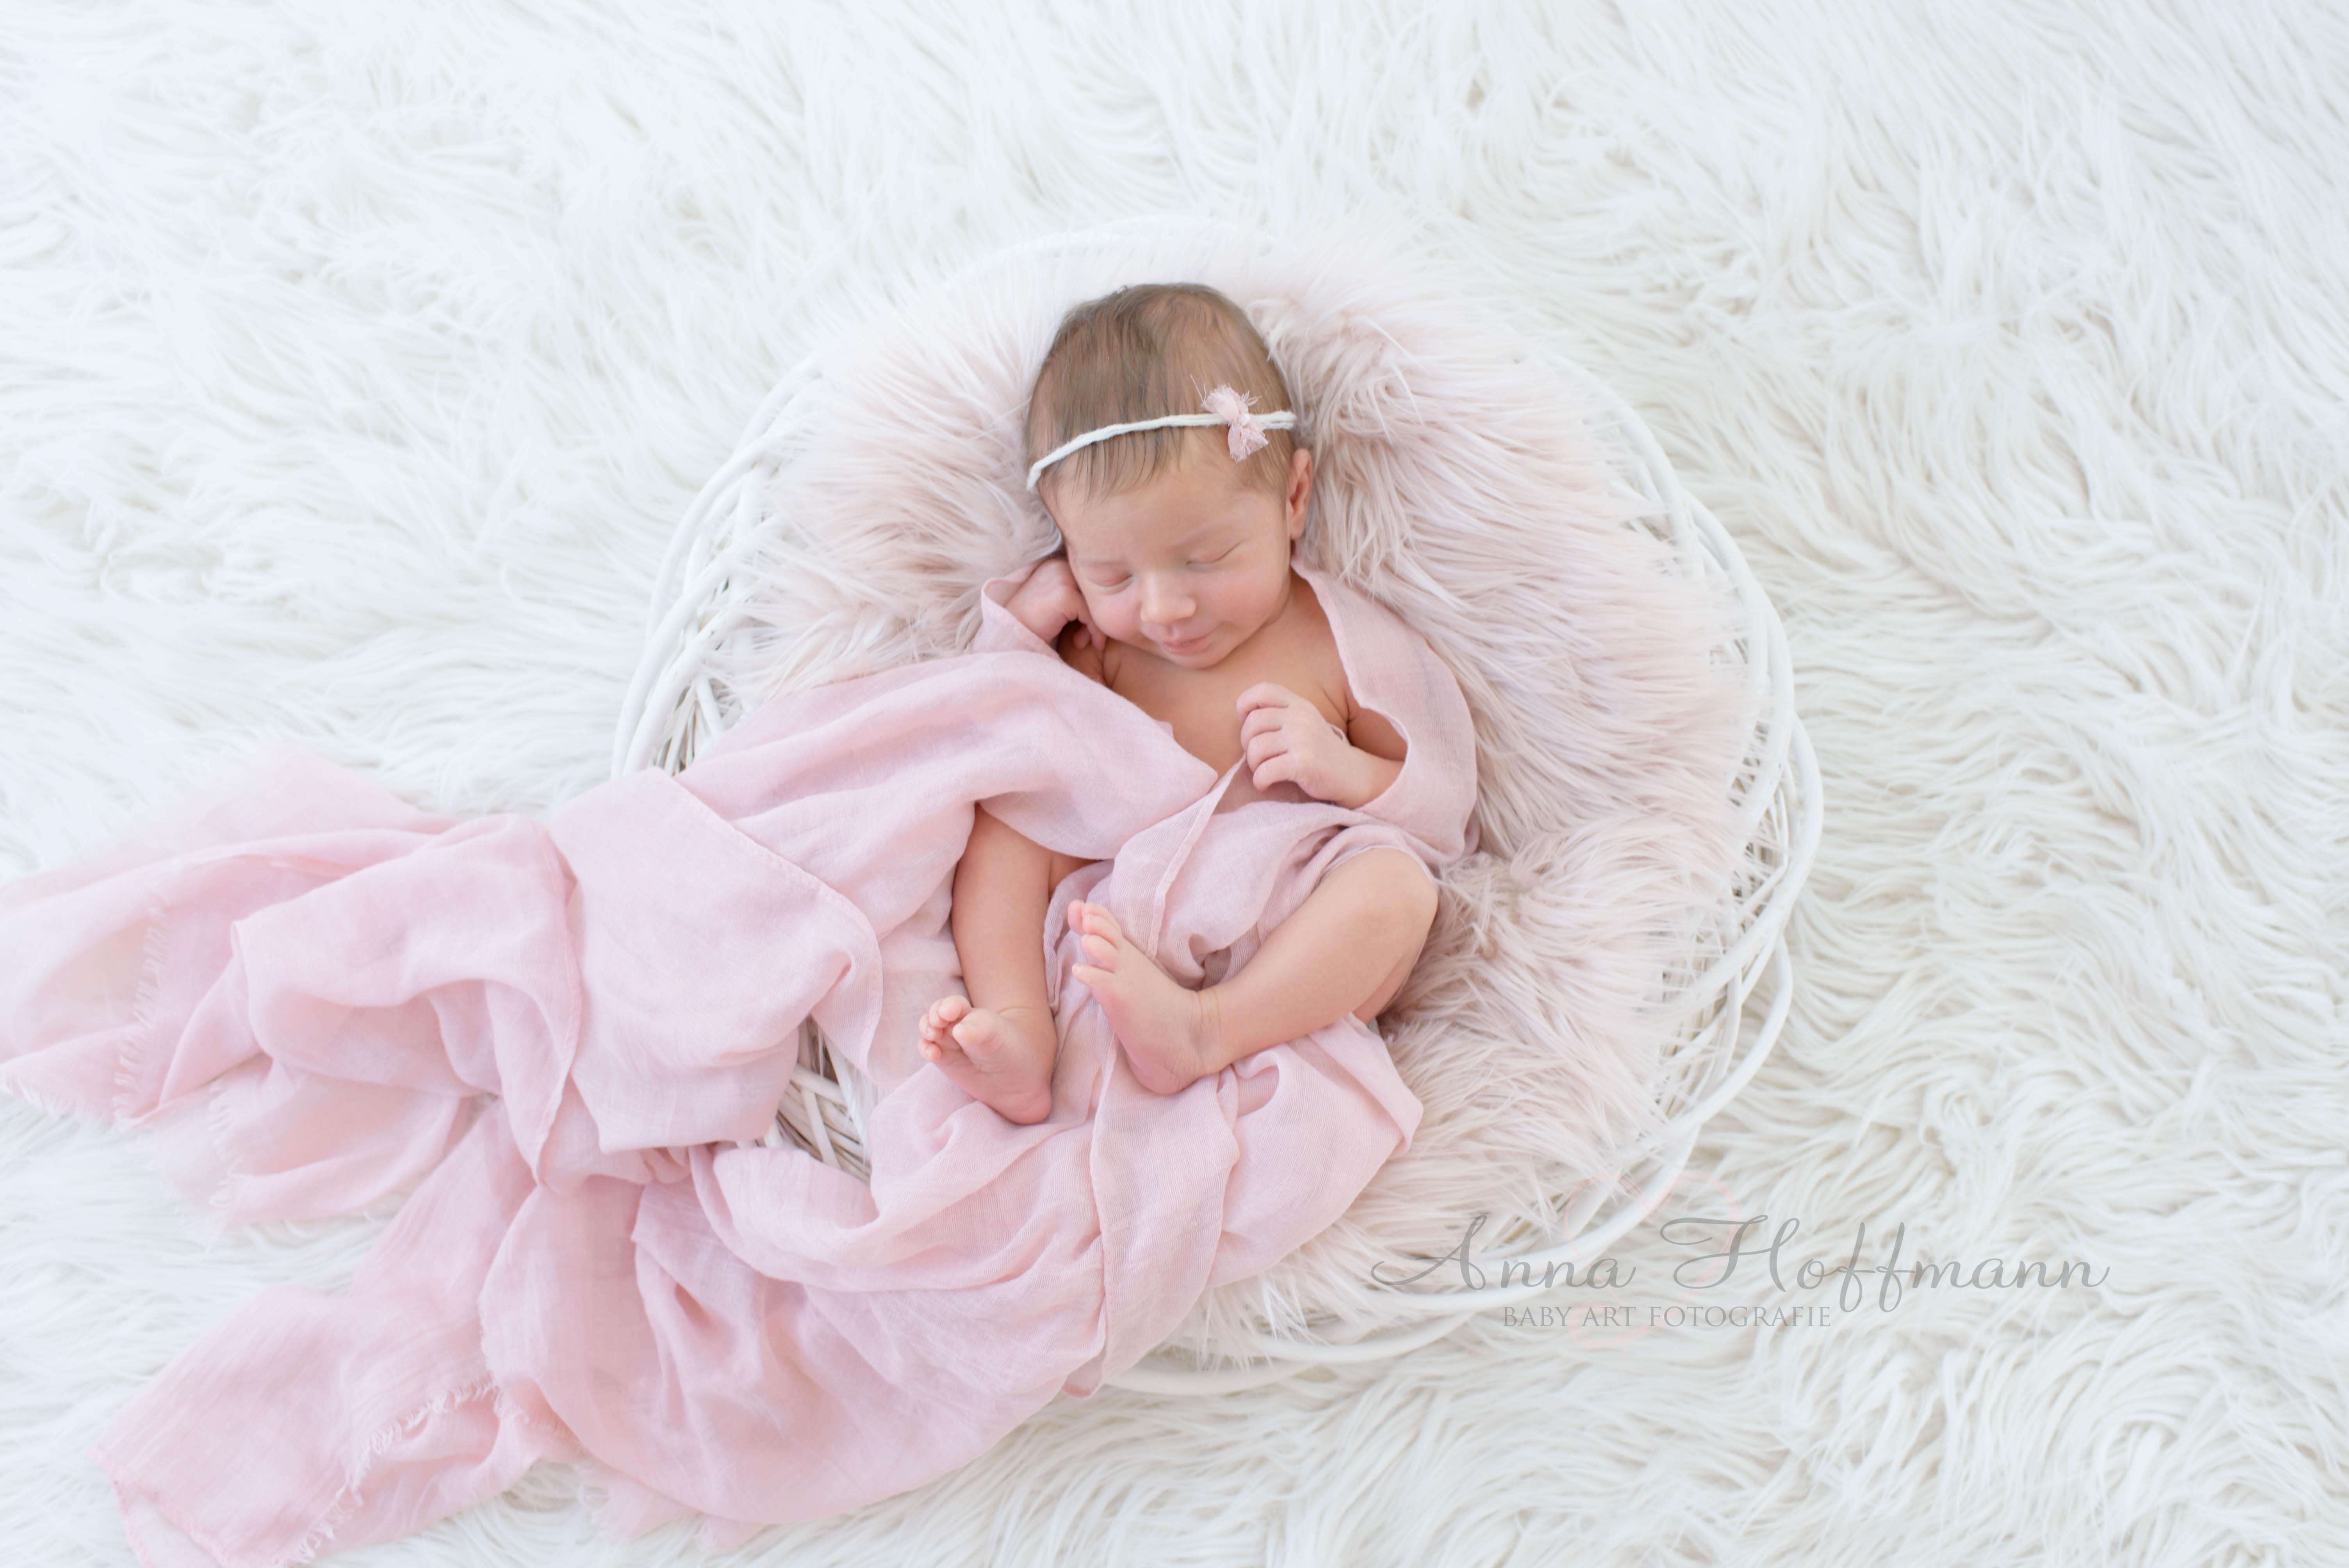 Babyfotos Neugeborenenshooting 3